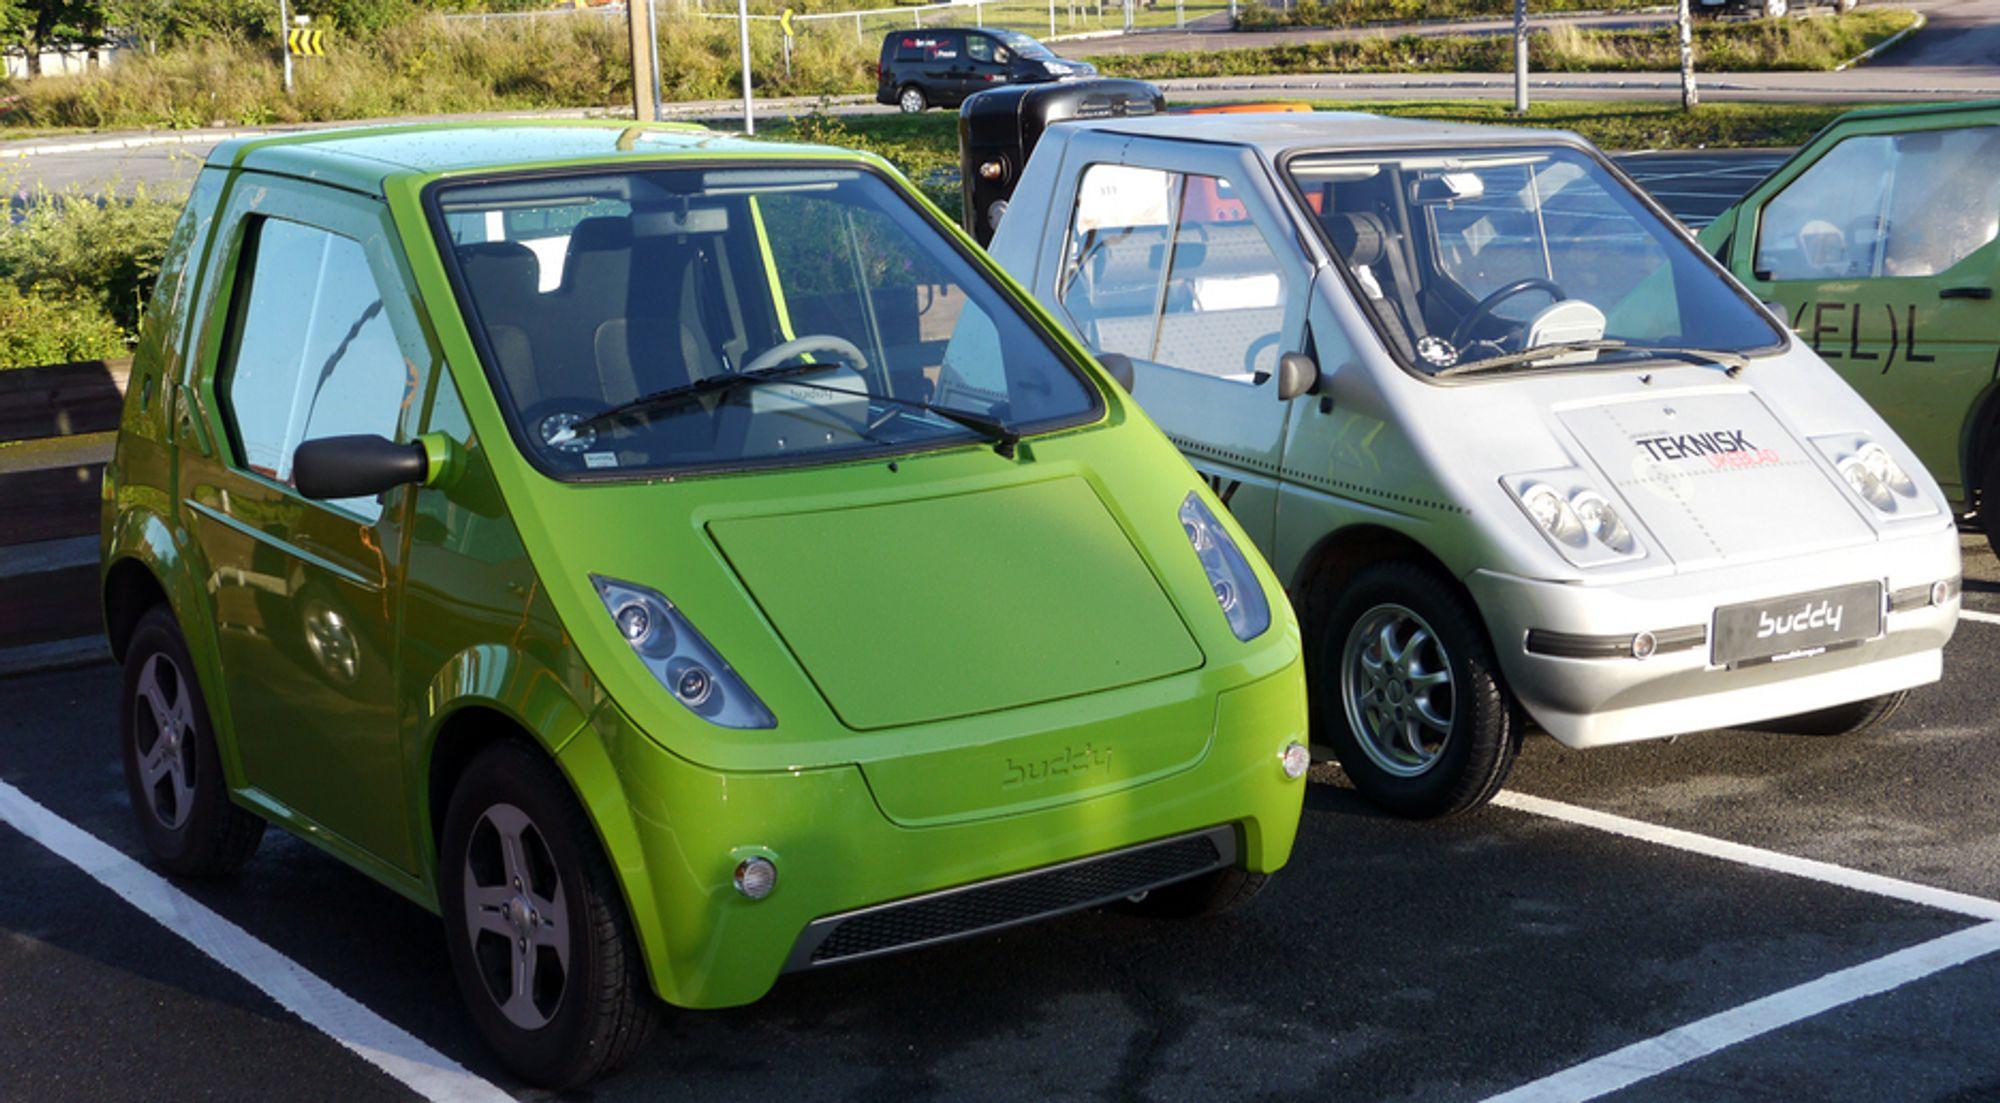 SLUTT: Samme dag som Regjeringen godkjenner EU´s Fornybardirektiv, så kan den norske elbilprodusenten Pure Mobility som produserer Buddy bli avviklet.